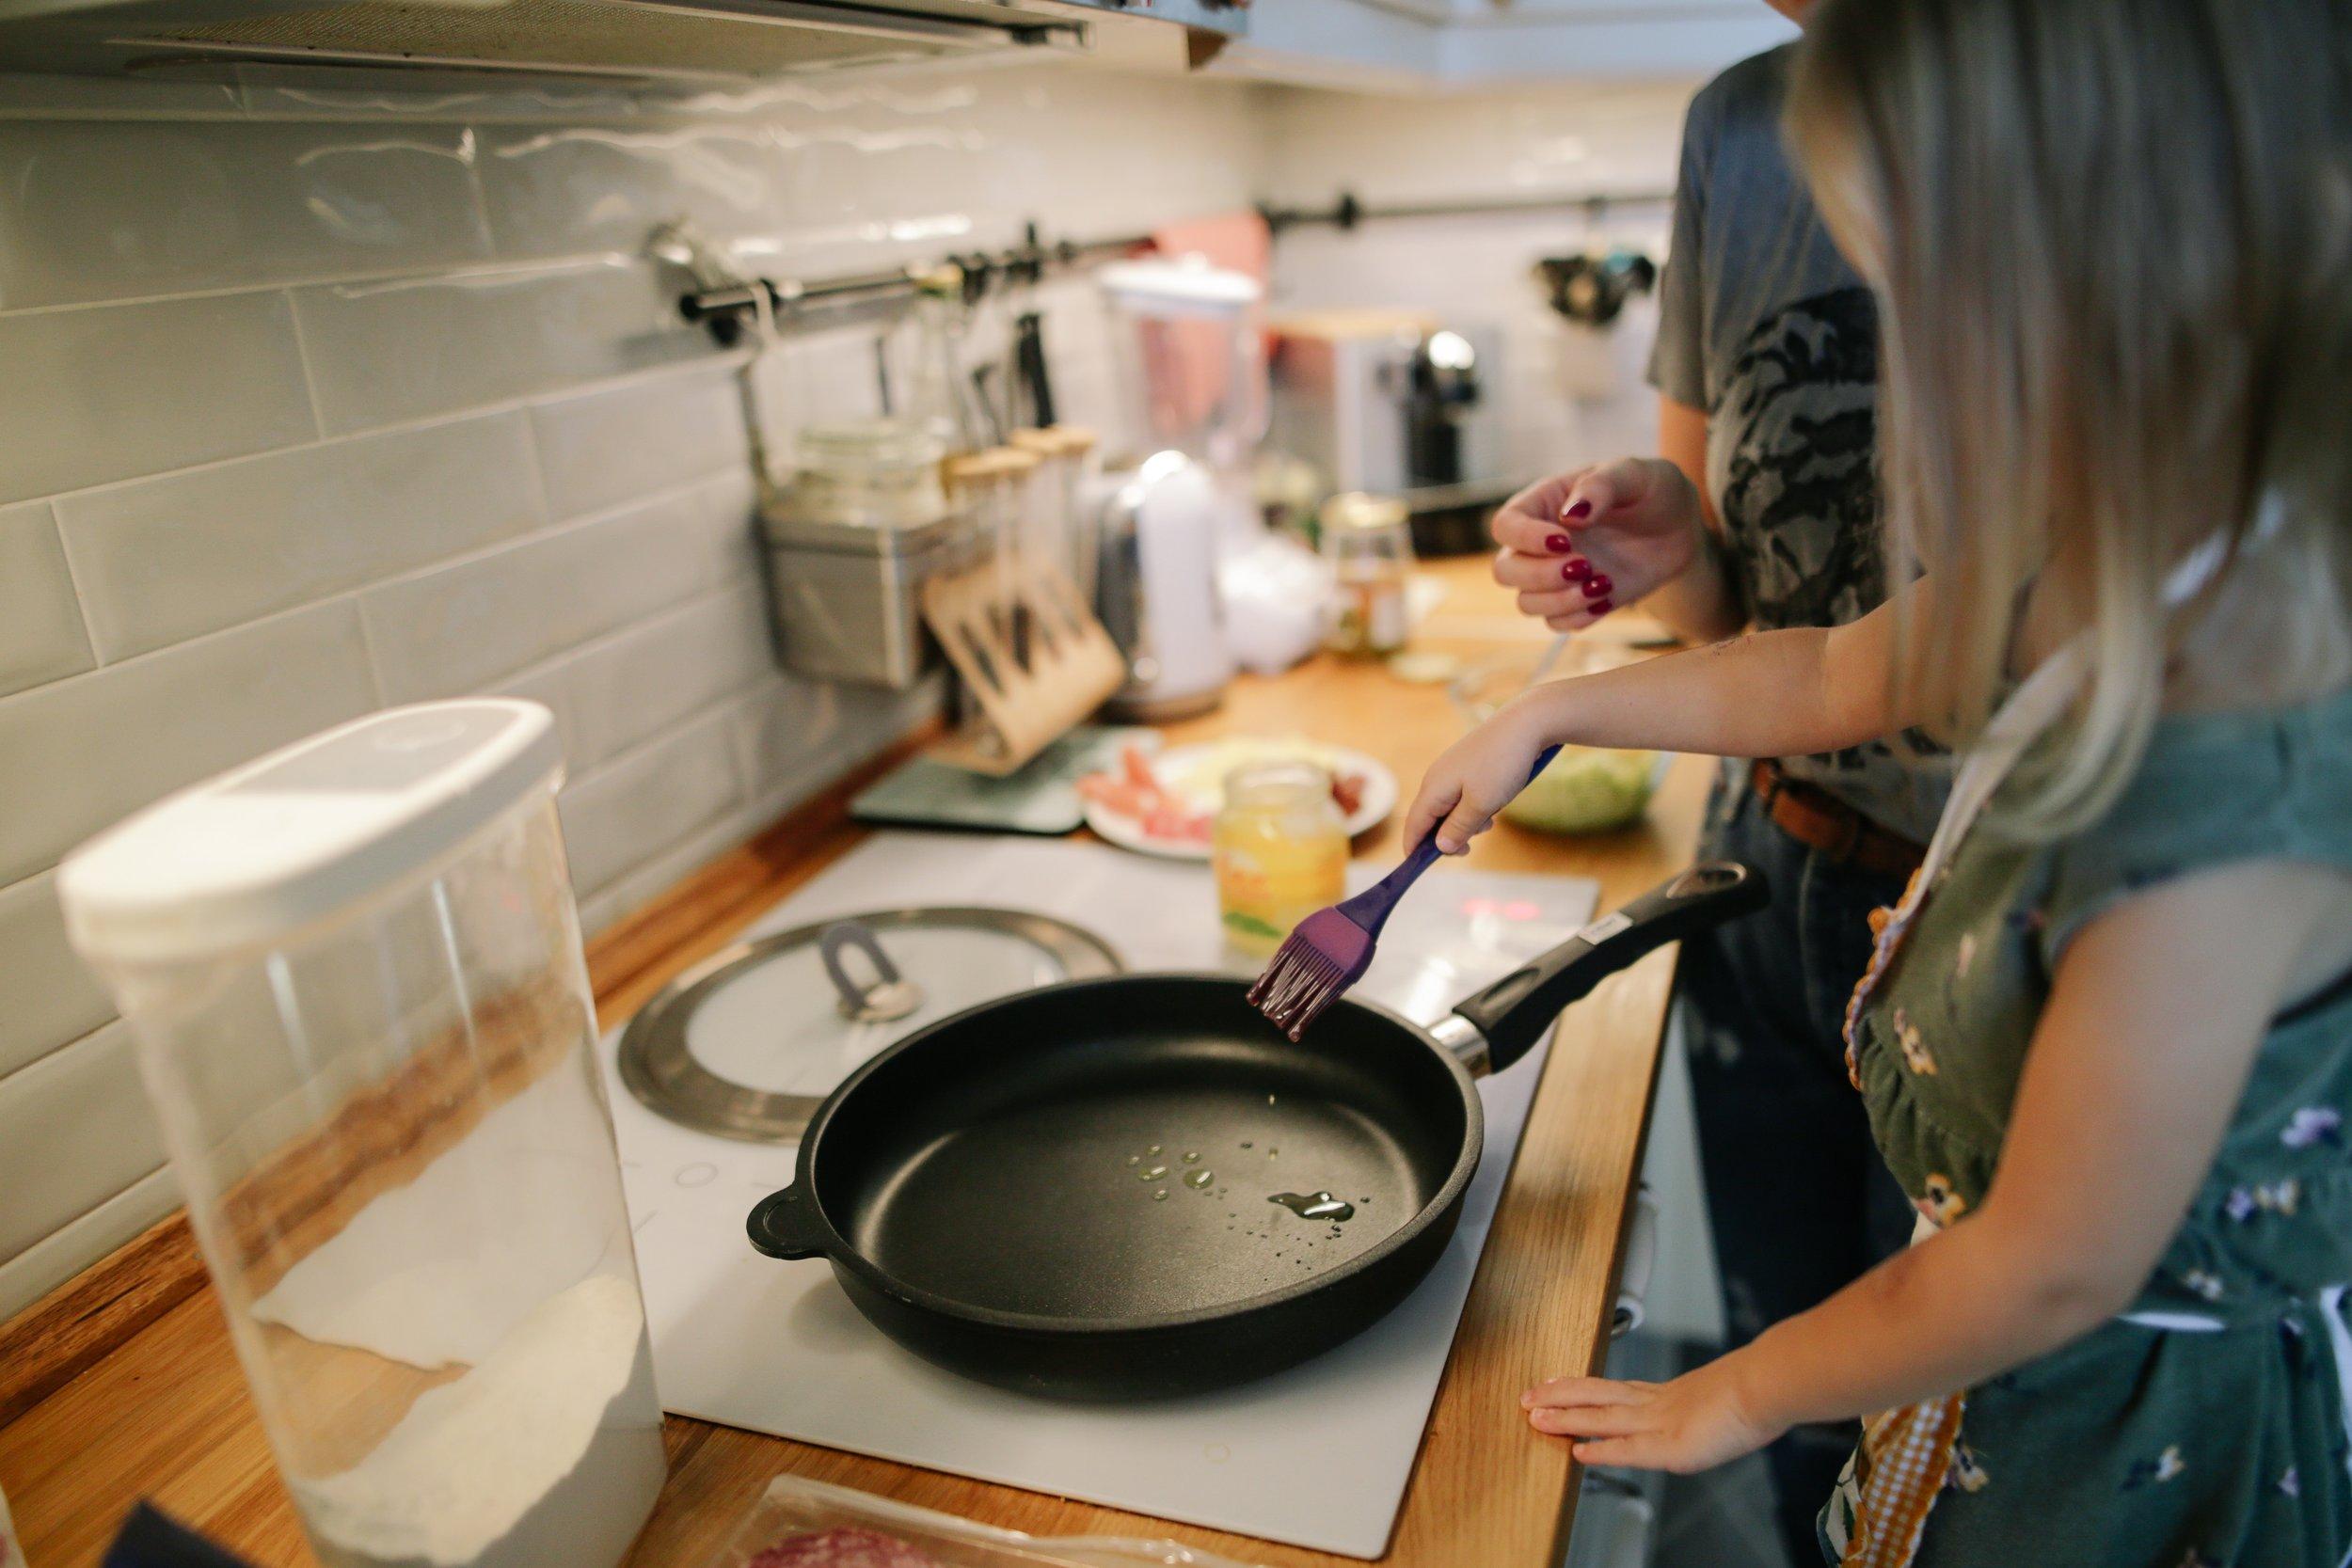 child-cooking-frying-pan-1684032.jpg